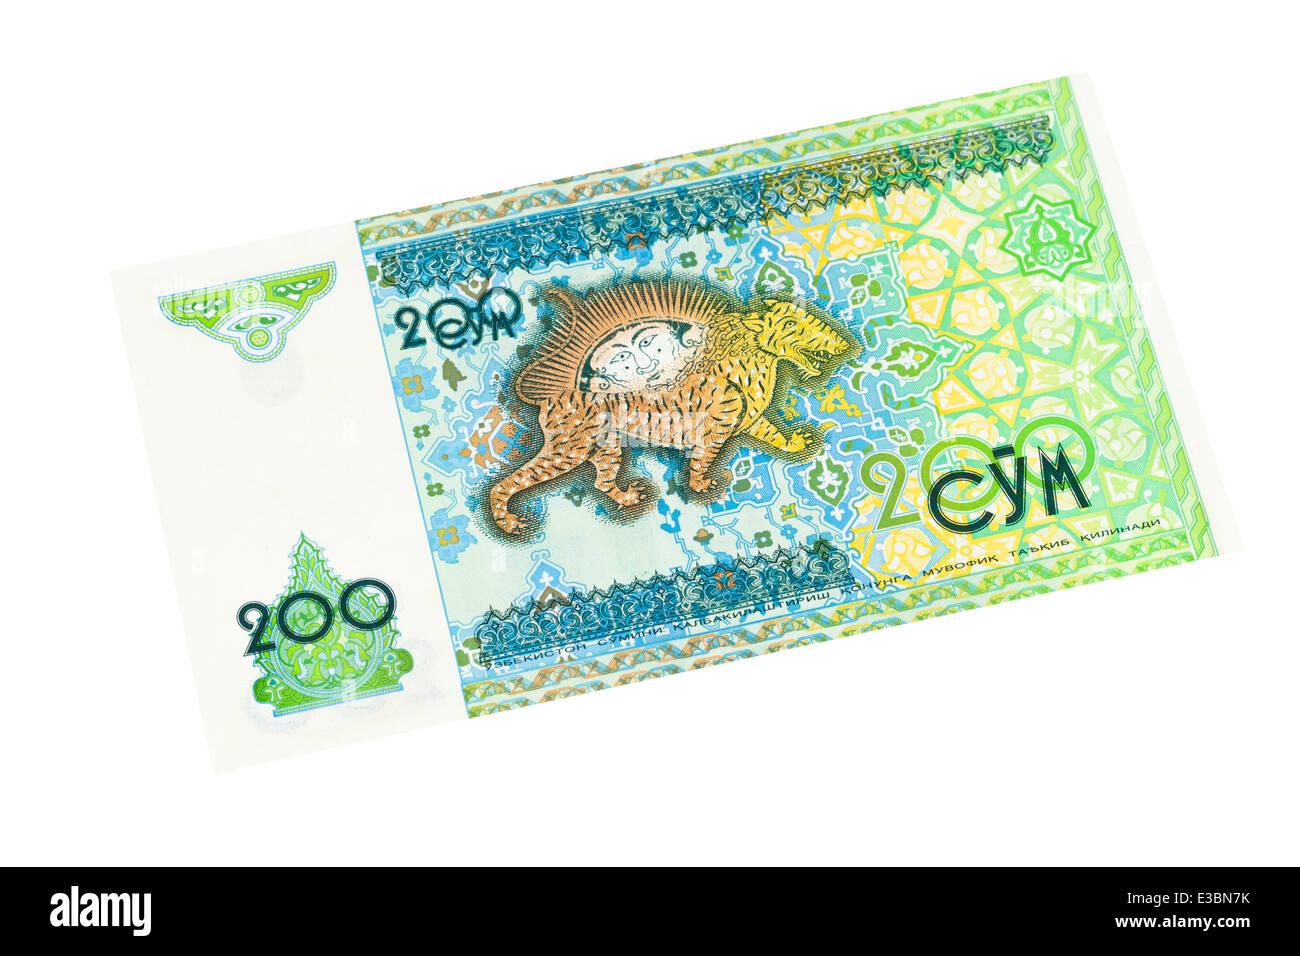 Uzbekistani two hundred som banknote on a white background - Stock Image